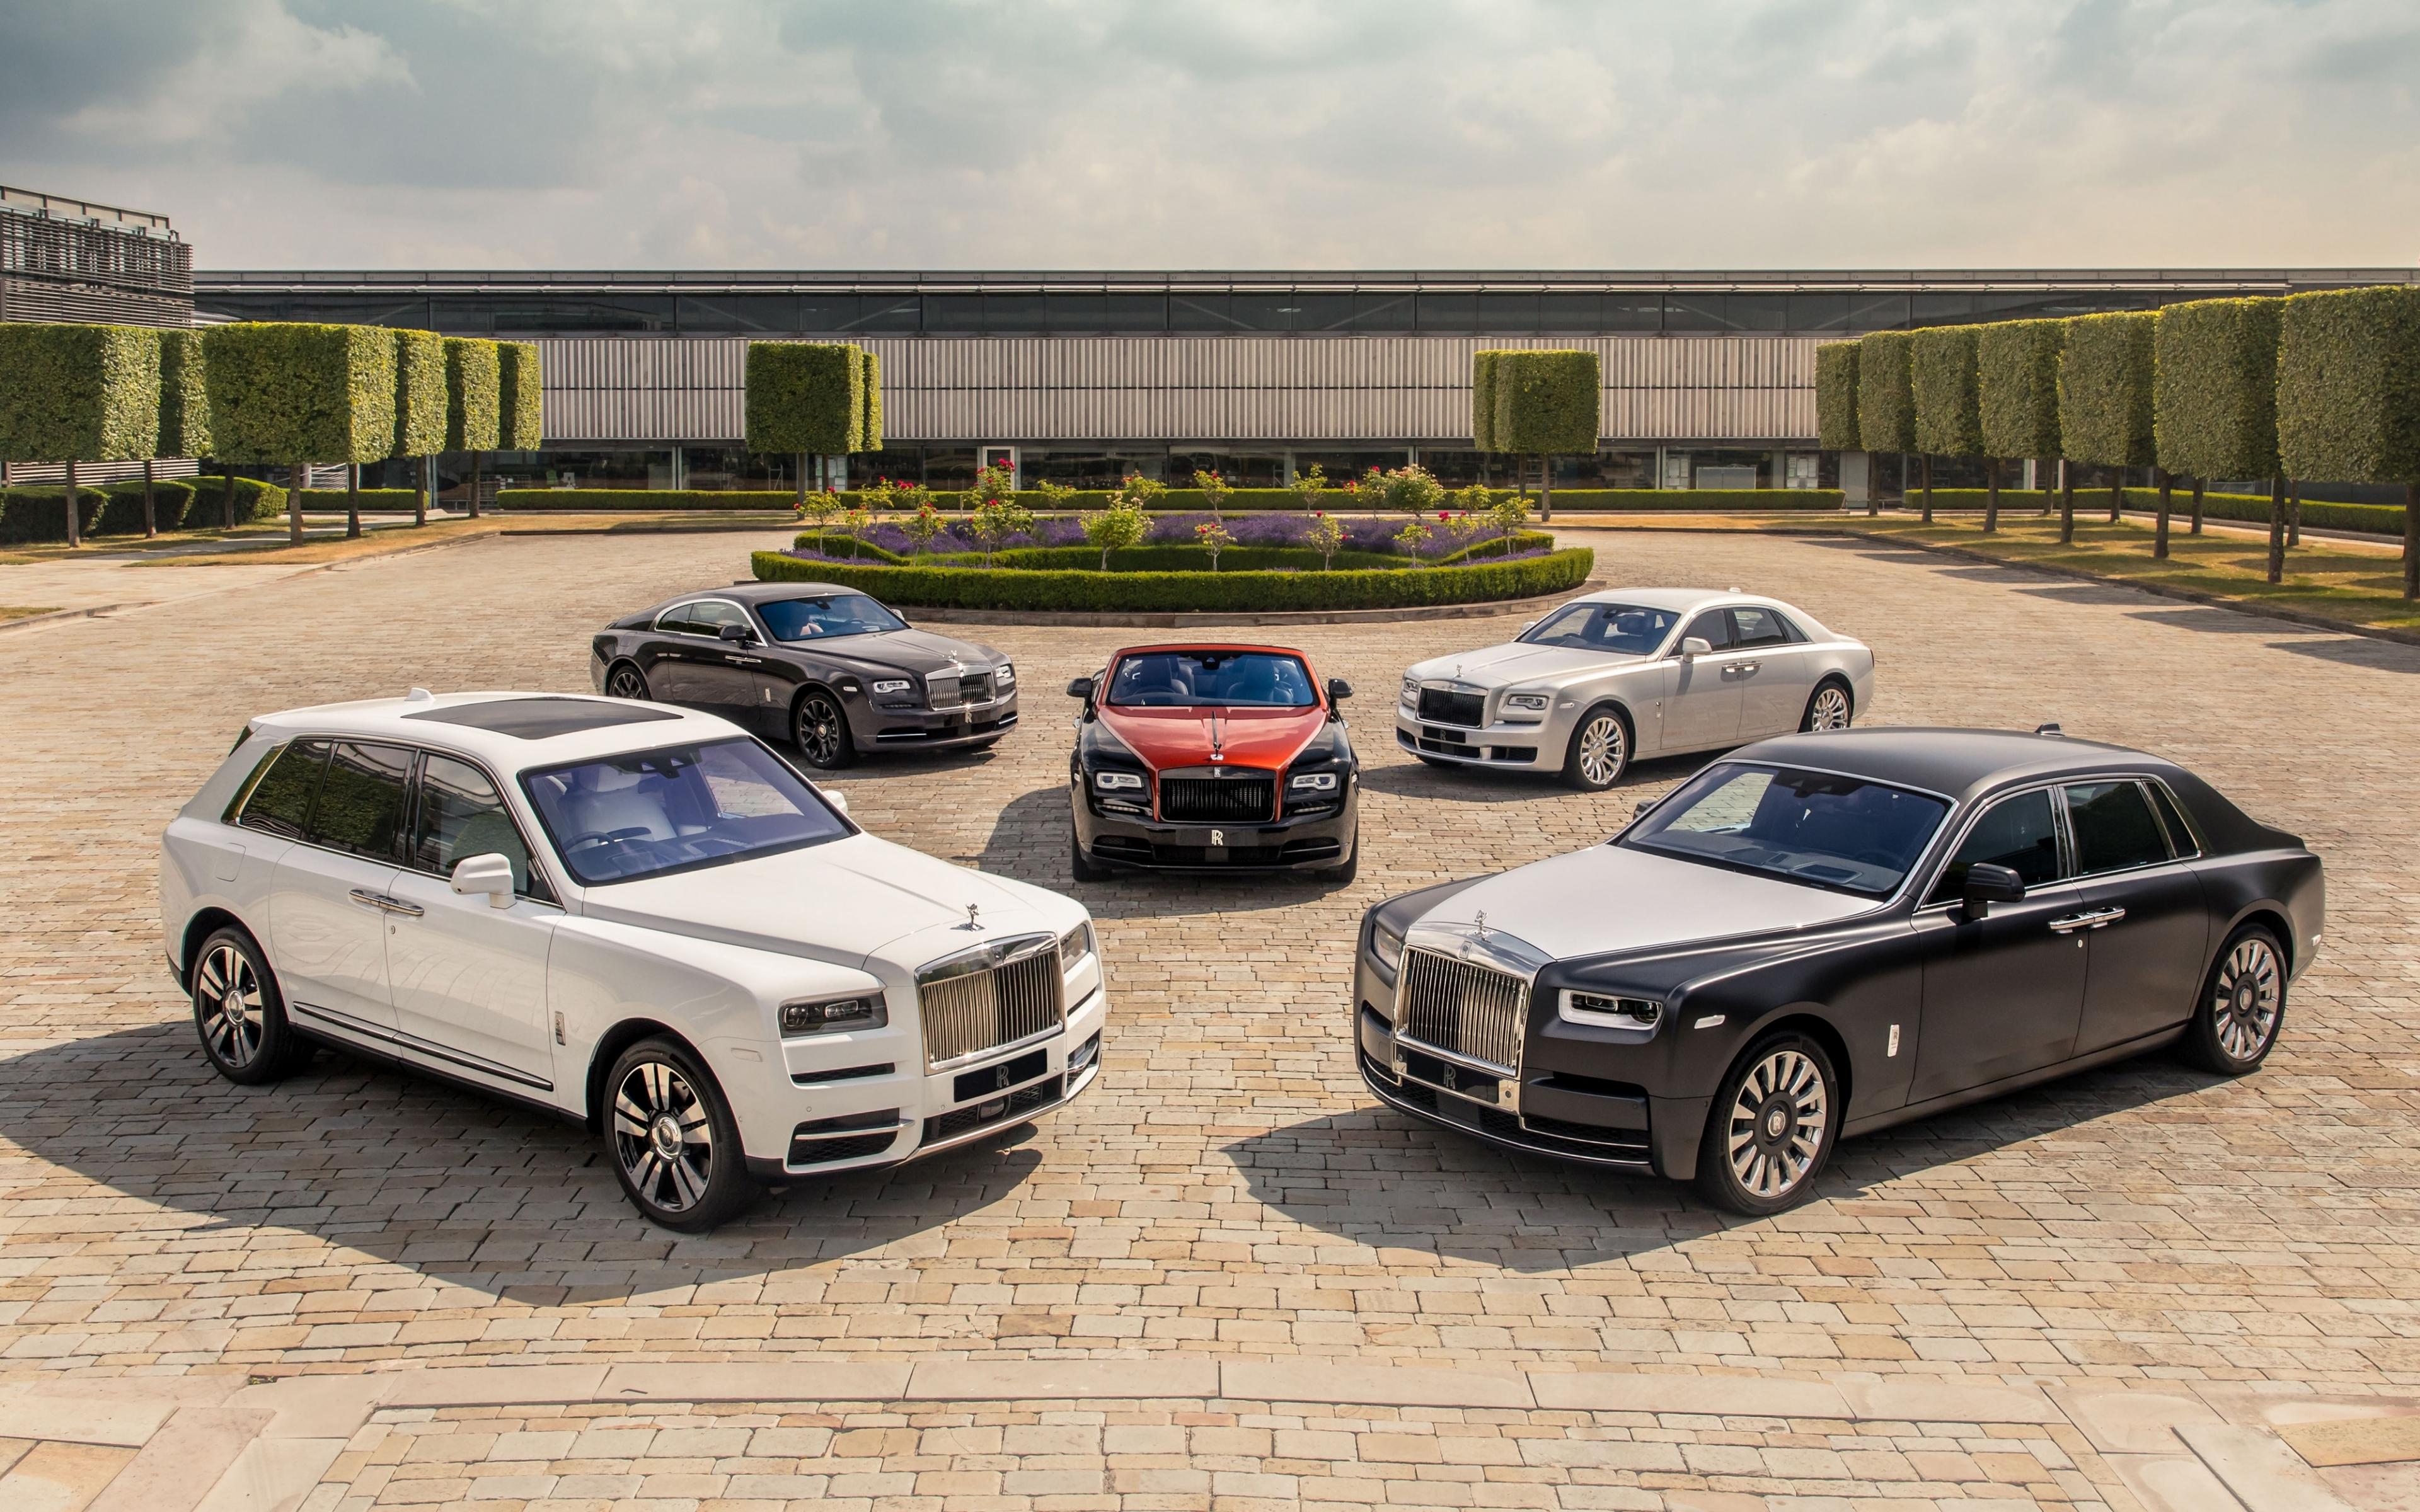 Download 3840x2400 Wallpaper Rolls Royce Ghost Rolls Royce